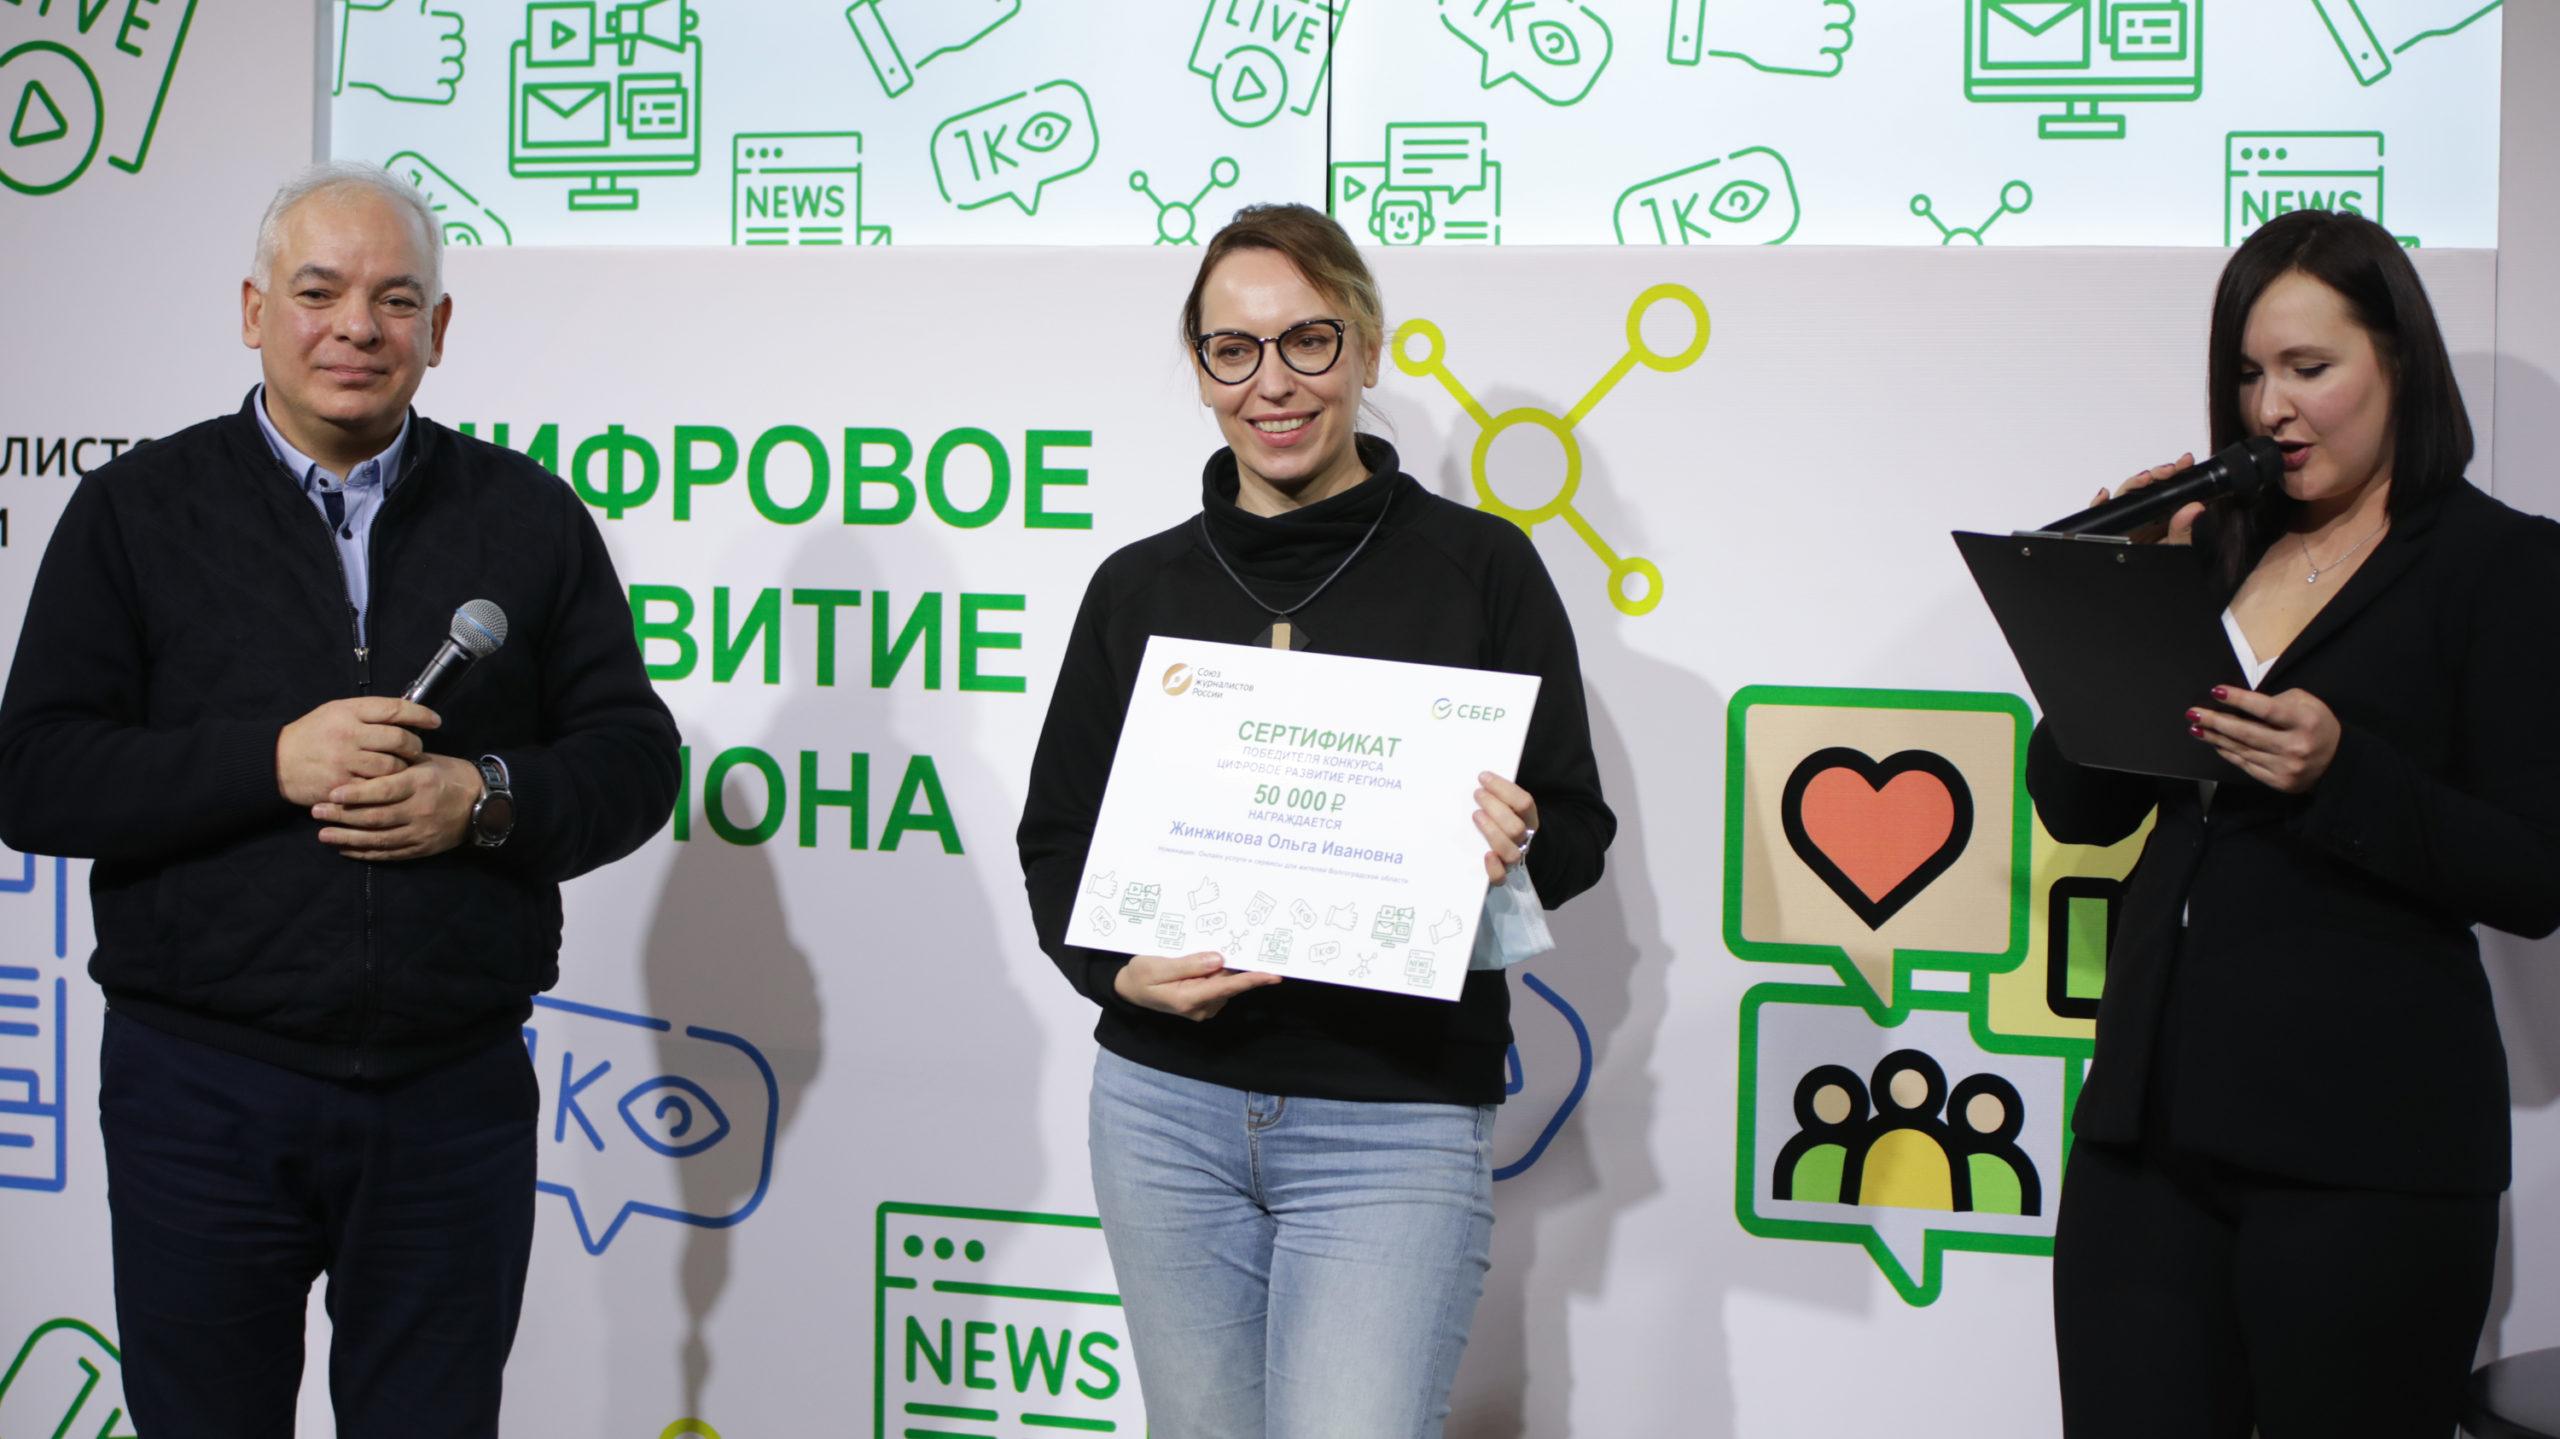 Конкурс Цифровое развитие региона